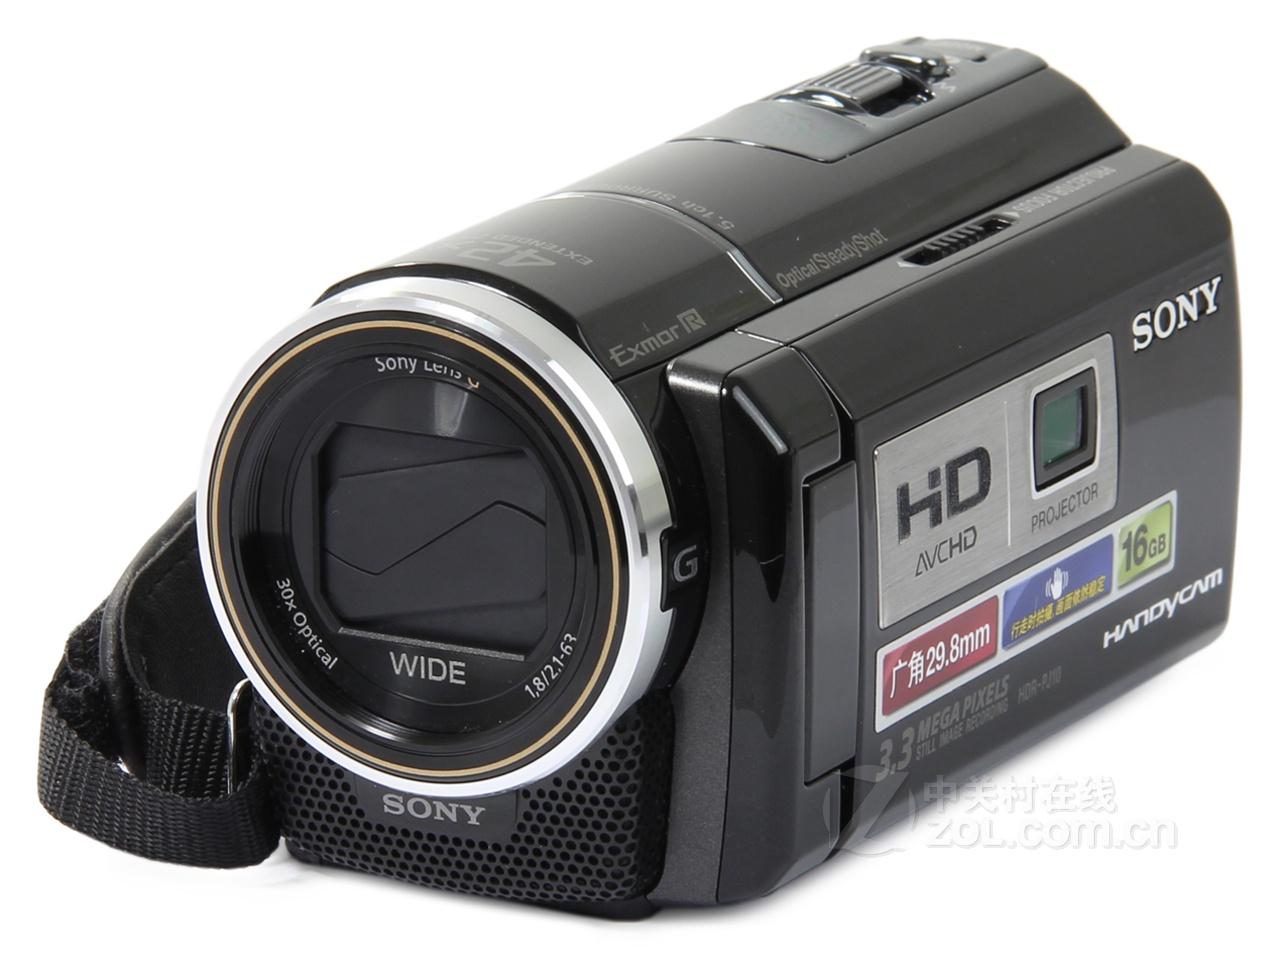 Sony Handycam HDR-PJ10E - Thiết kế tinh tế, chất lượng video full HD